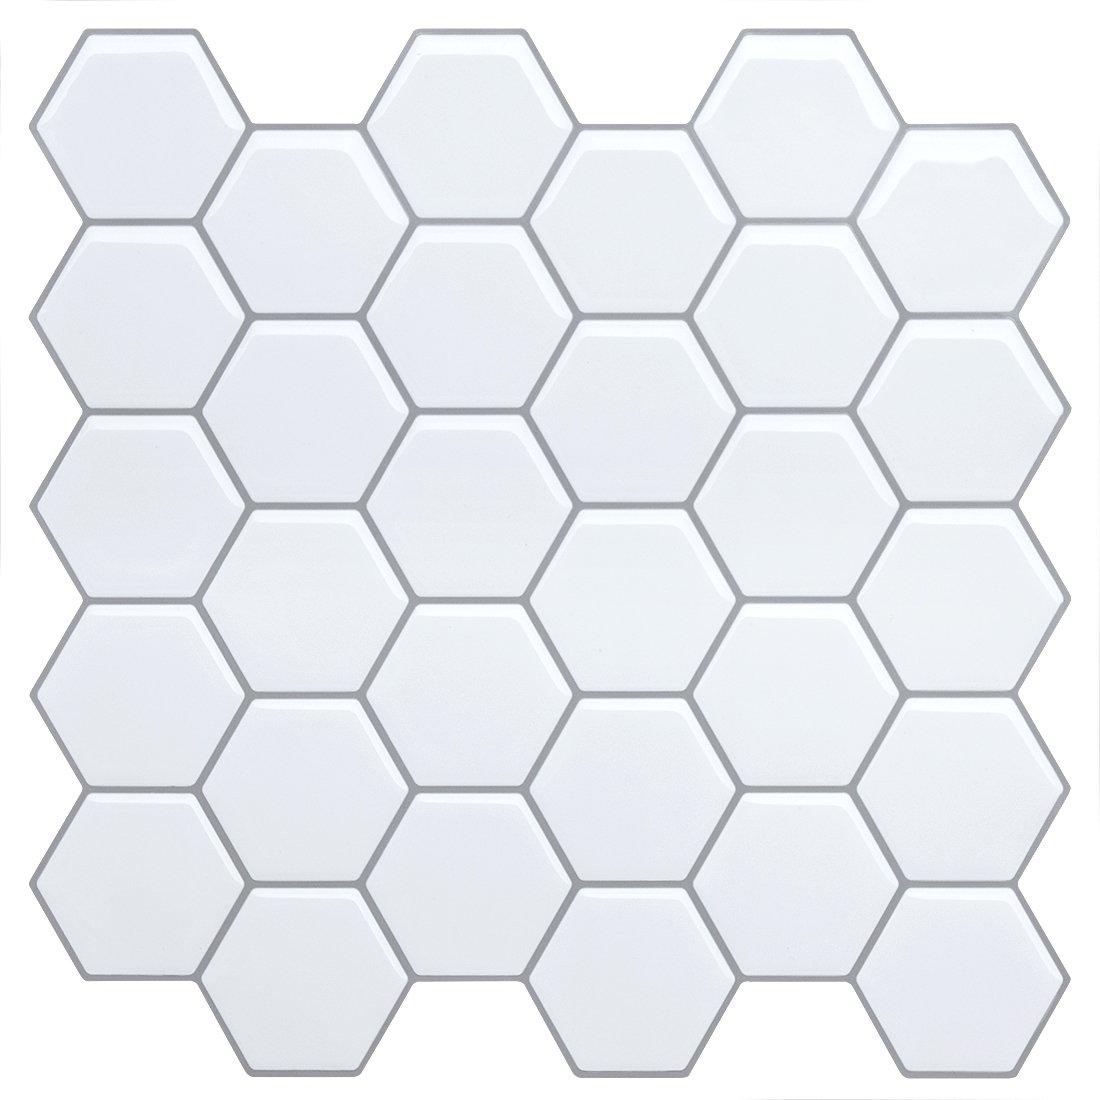 Peel and Stick Tile Backsplash for Kitchen Bathroom, Teal Arabesque Tile Backsplash, Mosaic Backsplash Sticker, 5 Sheets FAM-StickTiles